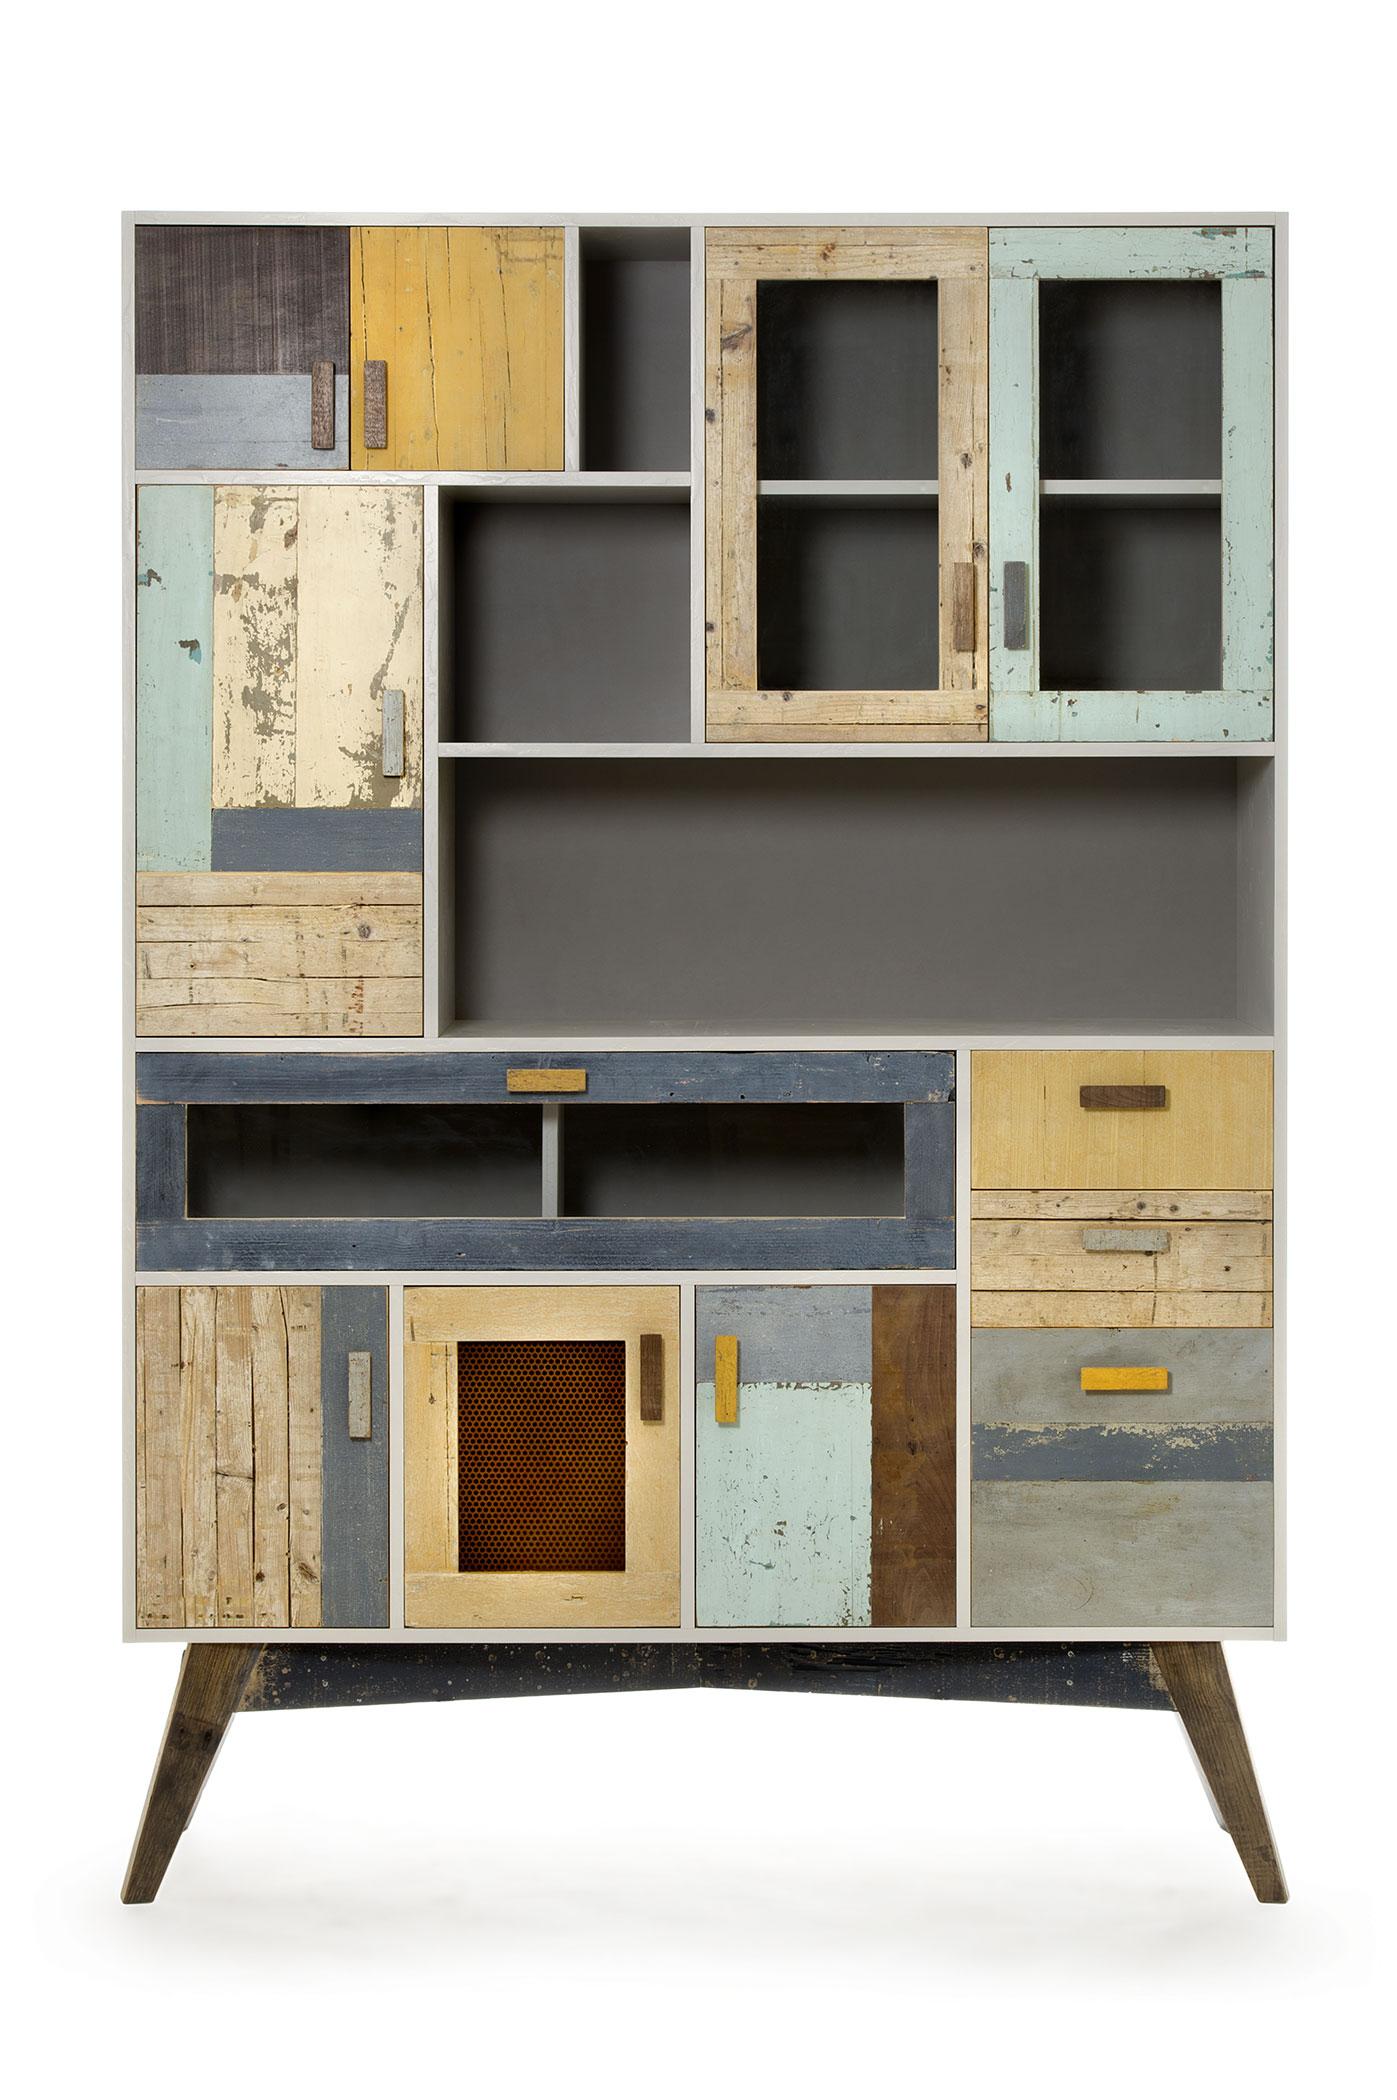 Dispensa alta per cucina con legni di recupero sui toni del girgio. Ante e struttura in legno riciclato restaurato